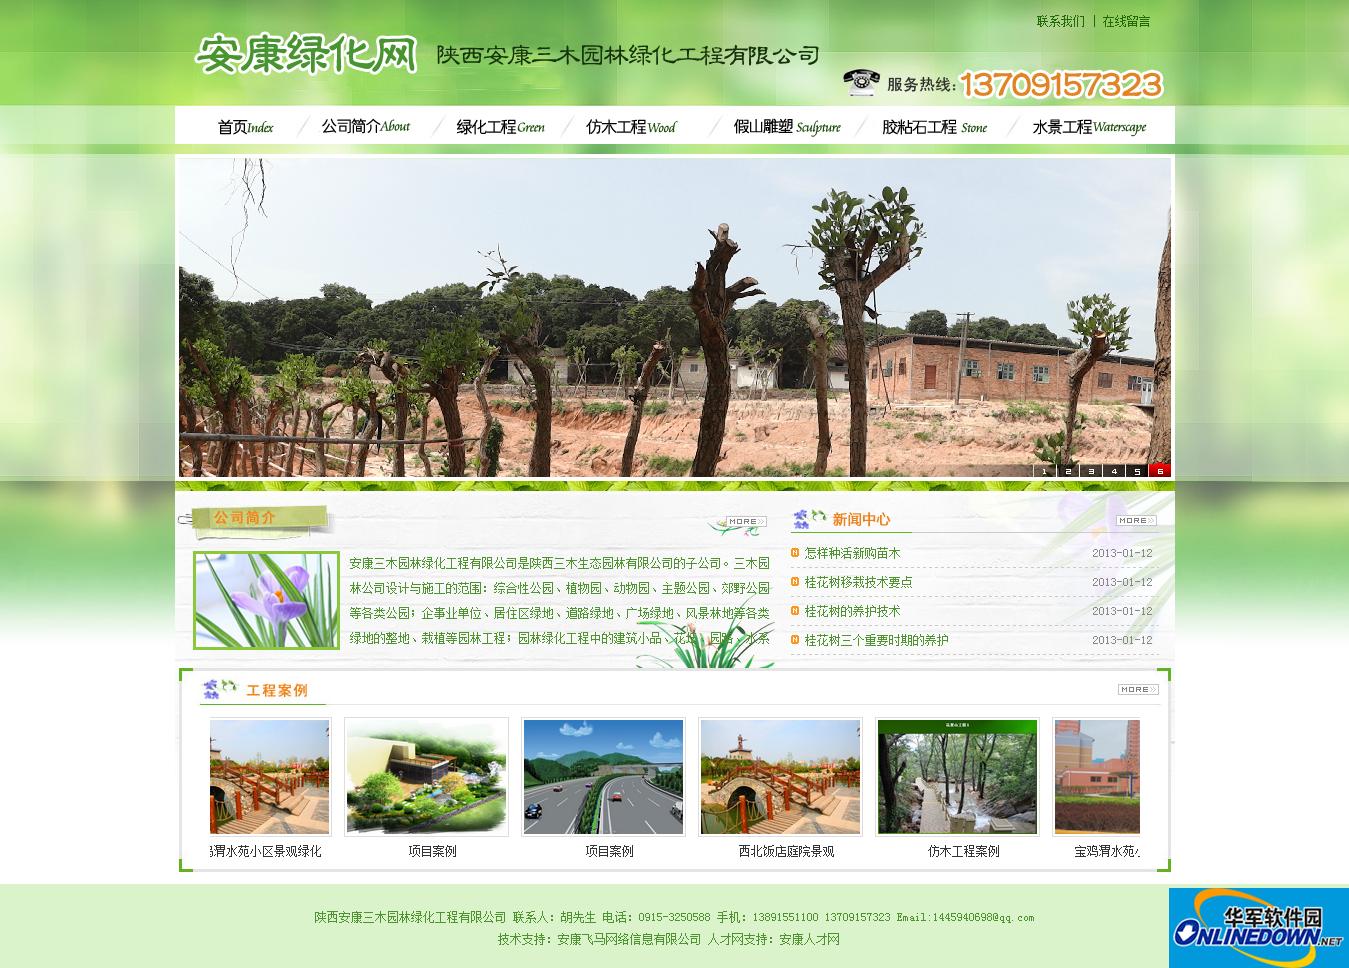 安康三木园林绿化工程有限公司企业网站源码 PC版